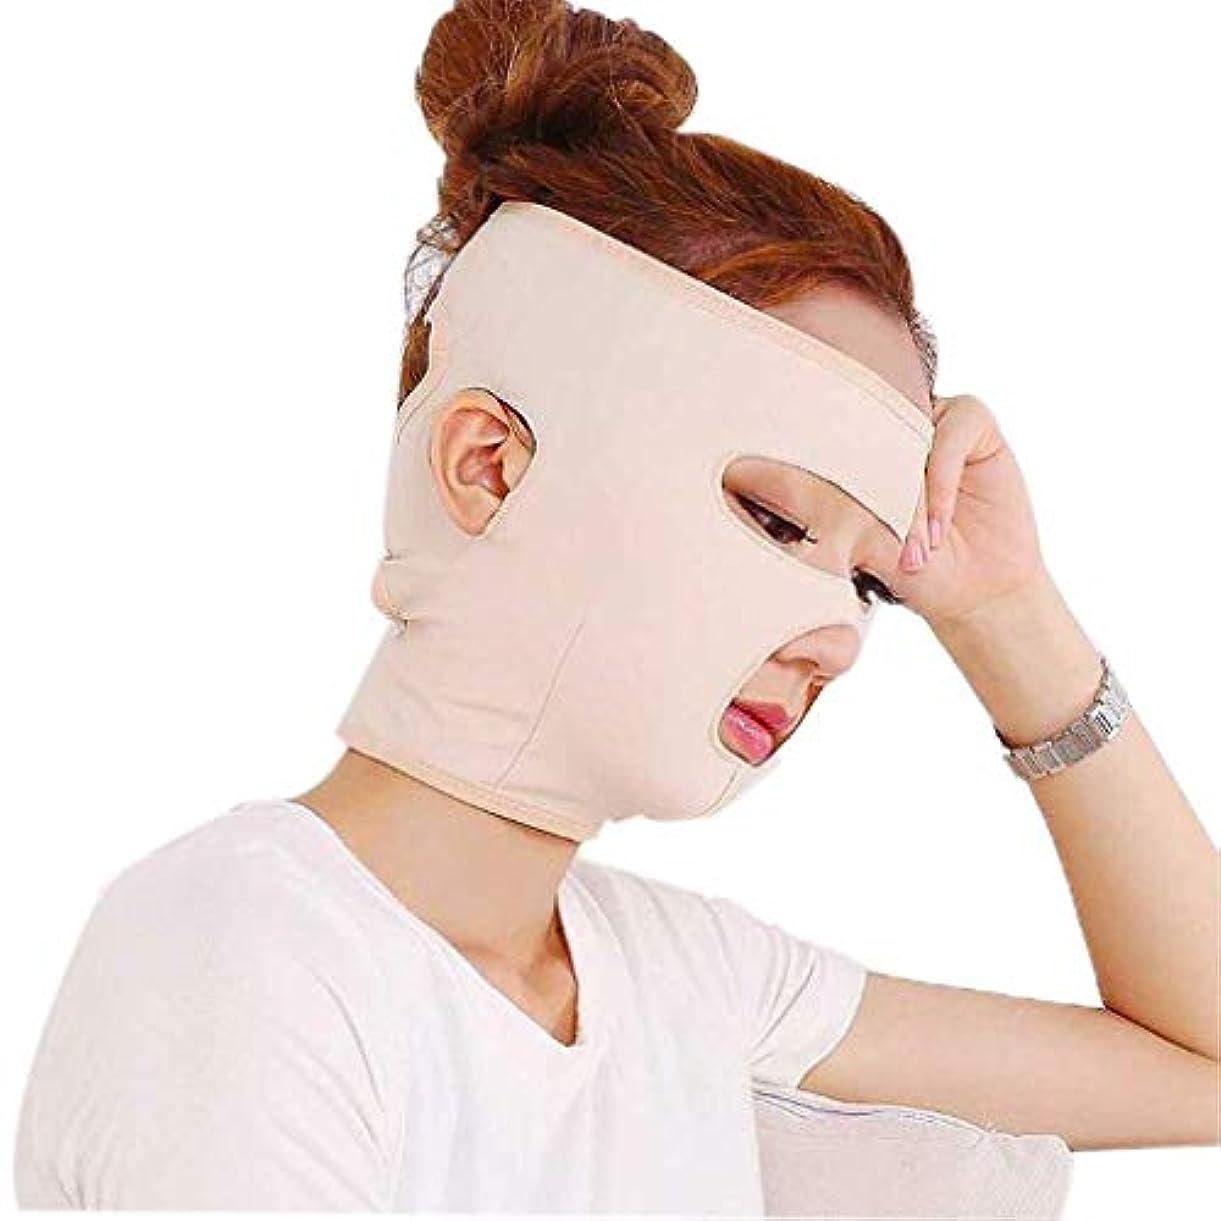 豚サイレン欲望フェイスリフティングマスク、フルフェイス通気性の術後回復包帯リフティング引き締め肌の減少により小さなVフェイスマスクを作成(サイズ:L)